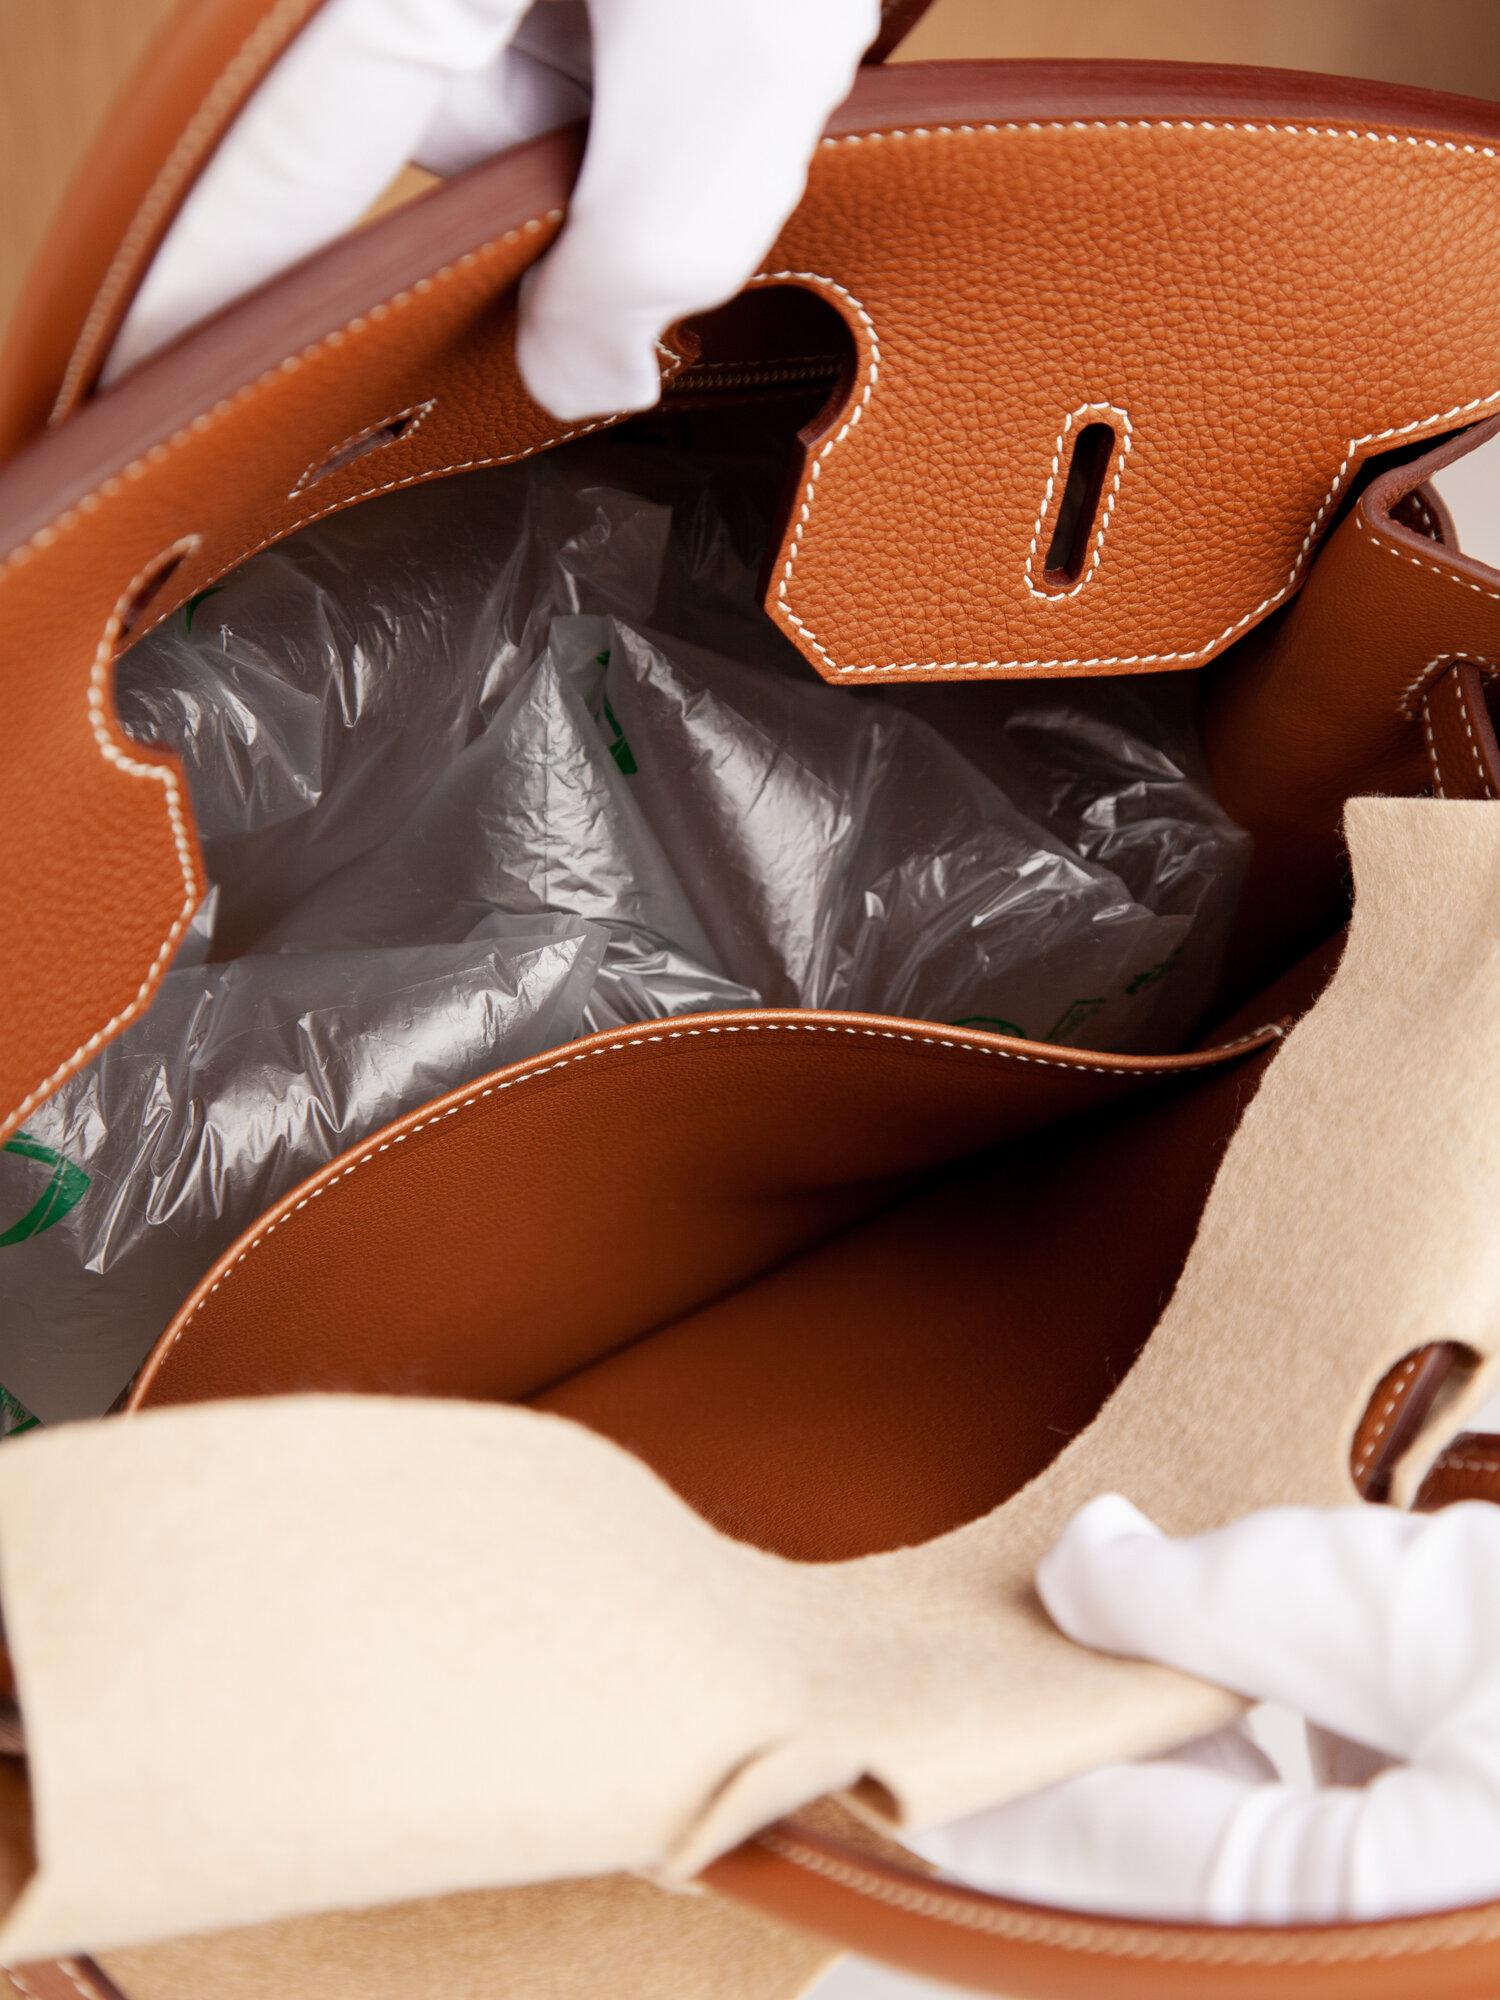 Tonal leather interior, dual pockets at interior walls.